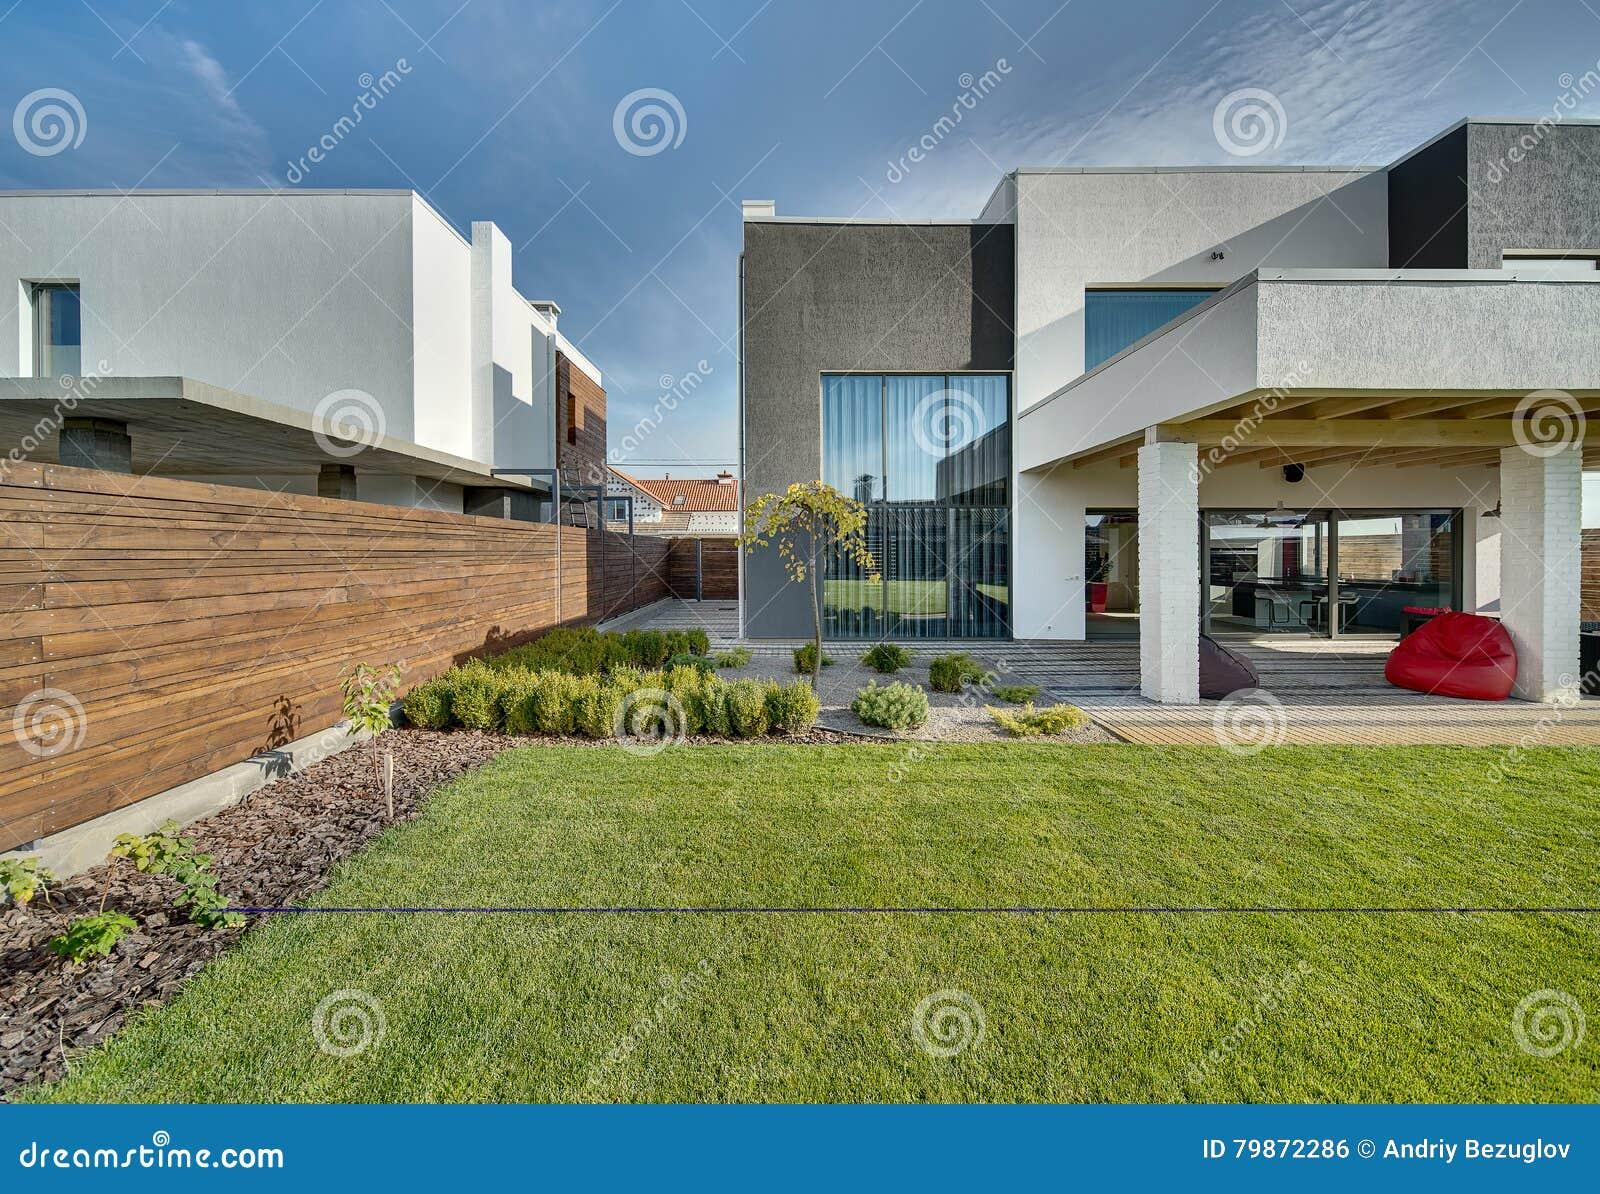 Maison De Campagne Dans Le Style Moderne Photo stock - Image ...